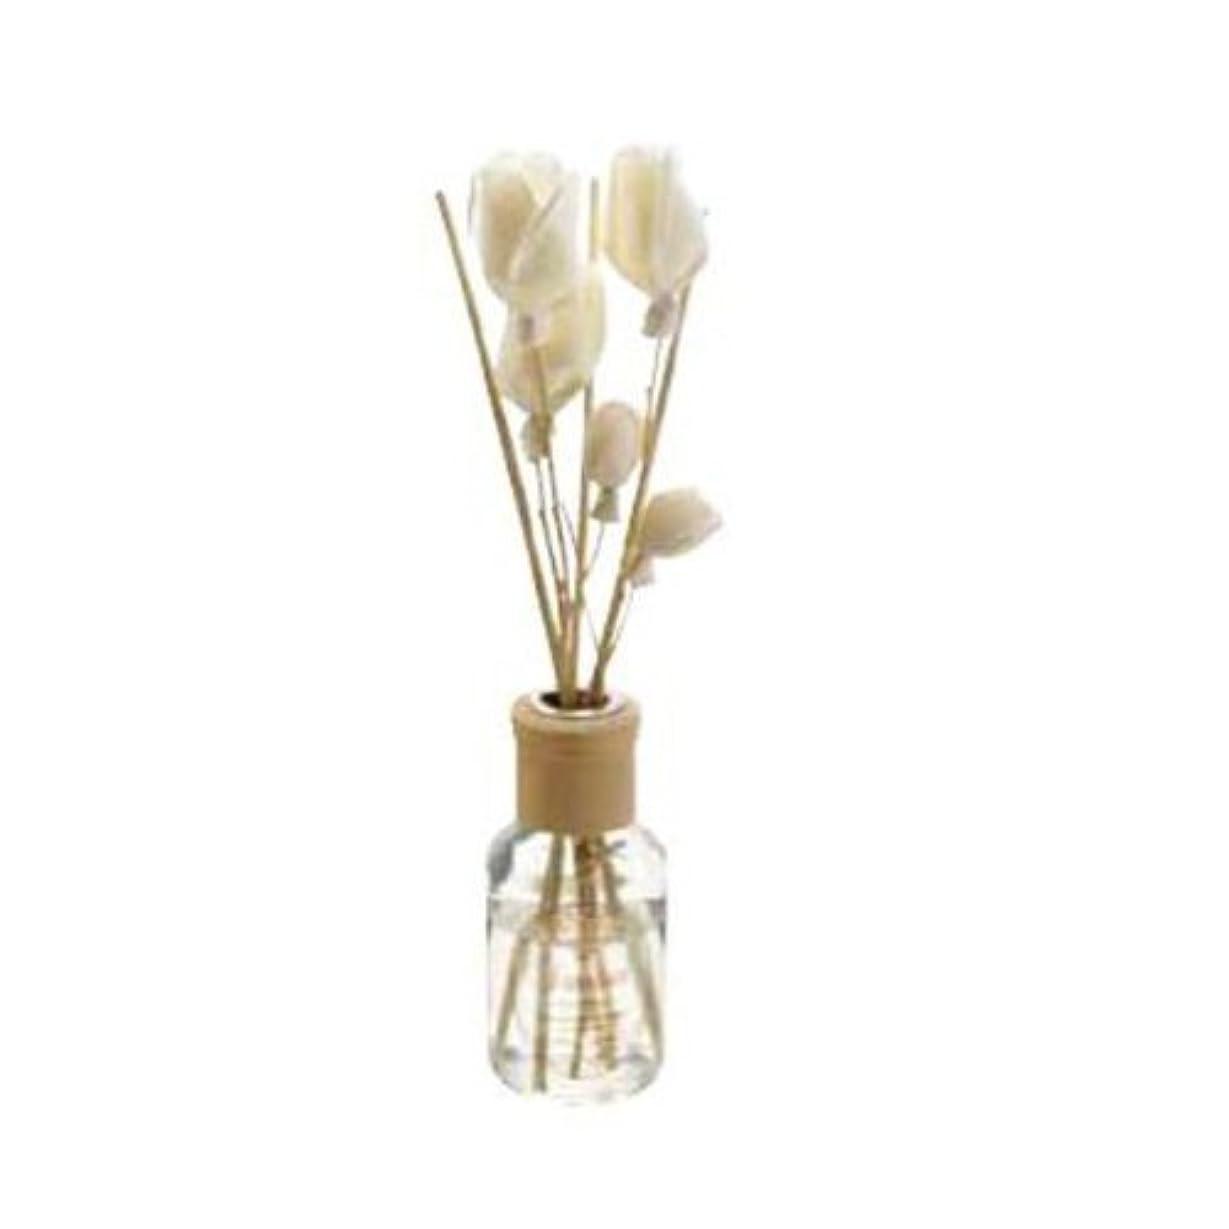 トイレ運動難しいグレース サンクタム フラワー ディフューザー [ ルームフレグランス ] goody grams GRACE SANCTUM Flower Diffuser 《 ROSE/ROSE BOWL 》